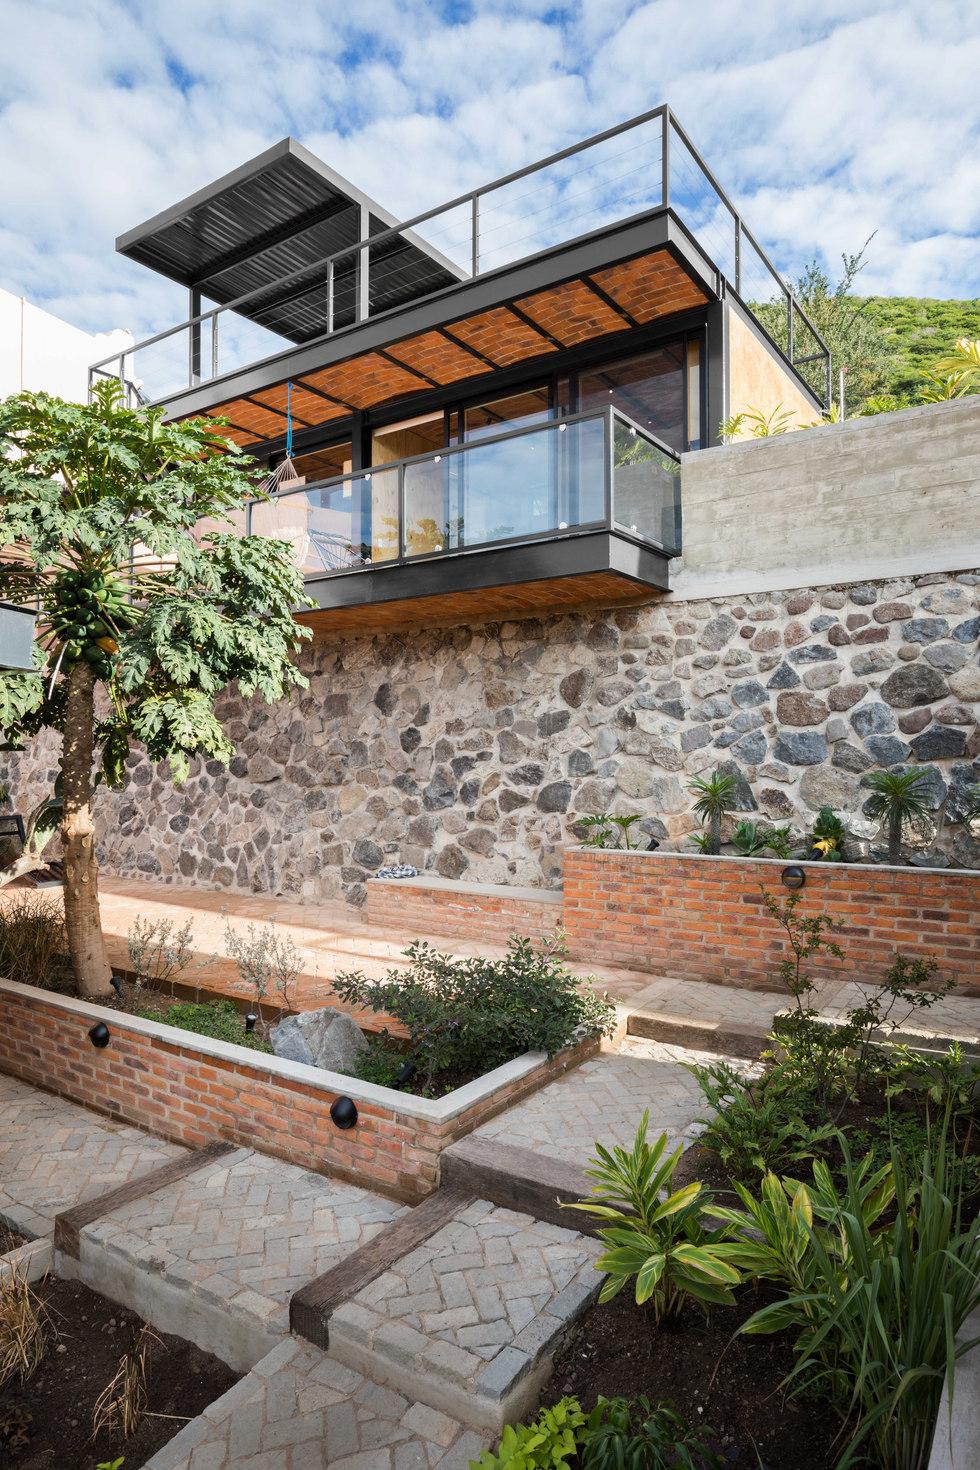 DE LA MONTAÑA, TINY HOUSES, AJIJIC. MX. 2019